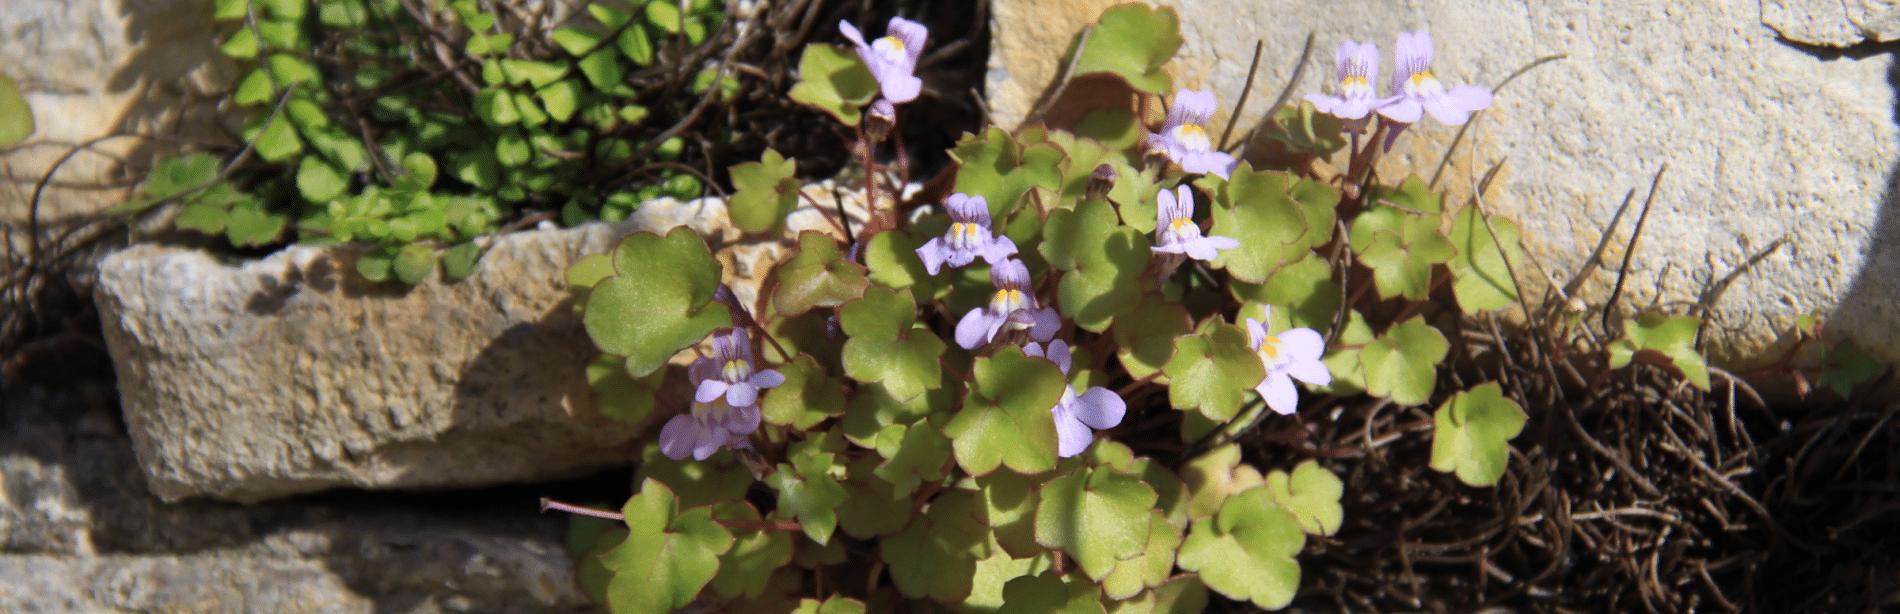 Plantes méditerranéen dans les gorges de Labeaume en Ardèche